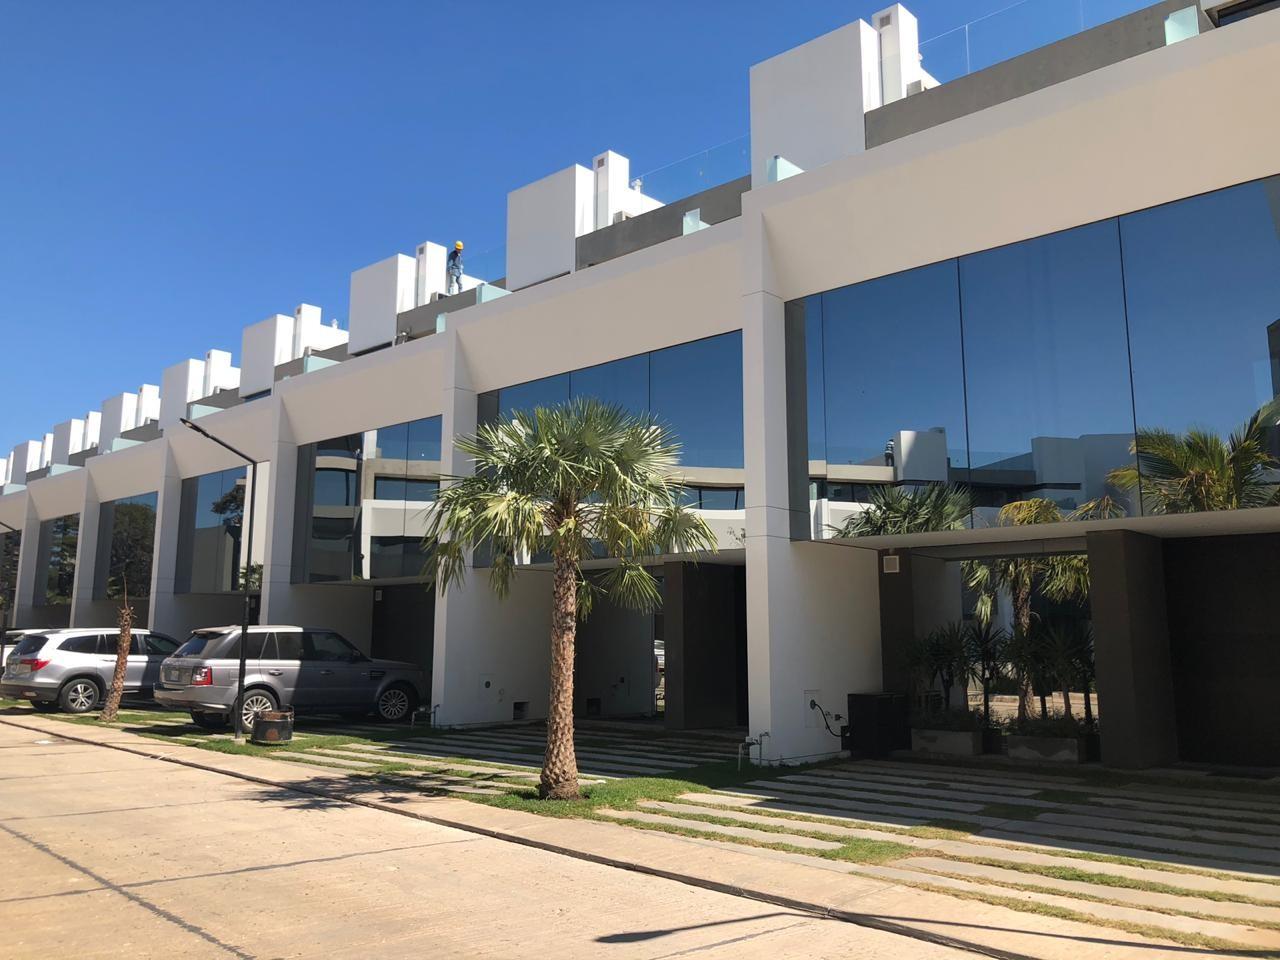 Casa en Alquiler CASA EN ALQUILER, CONDOMINIO COSTANERA BLUE  Foto 7